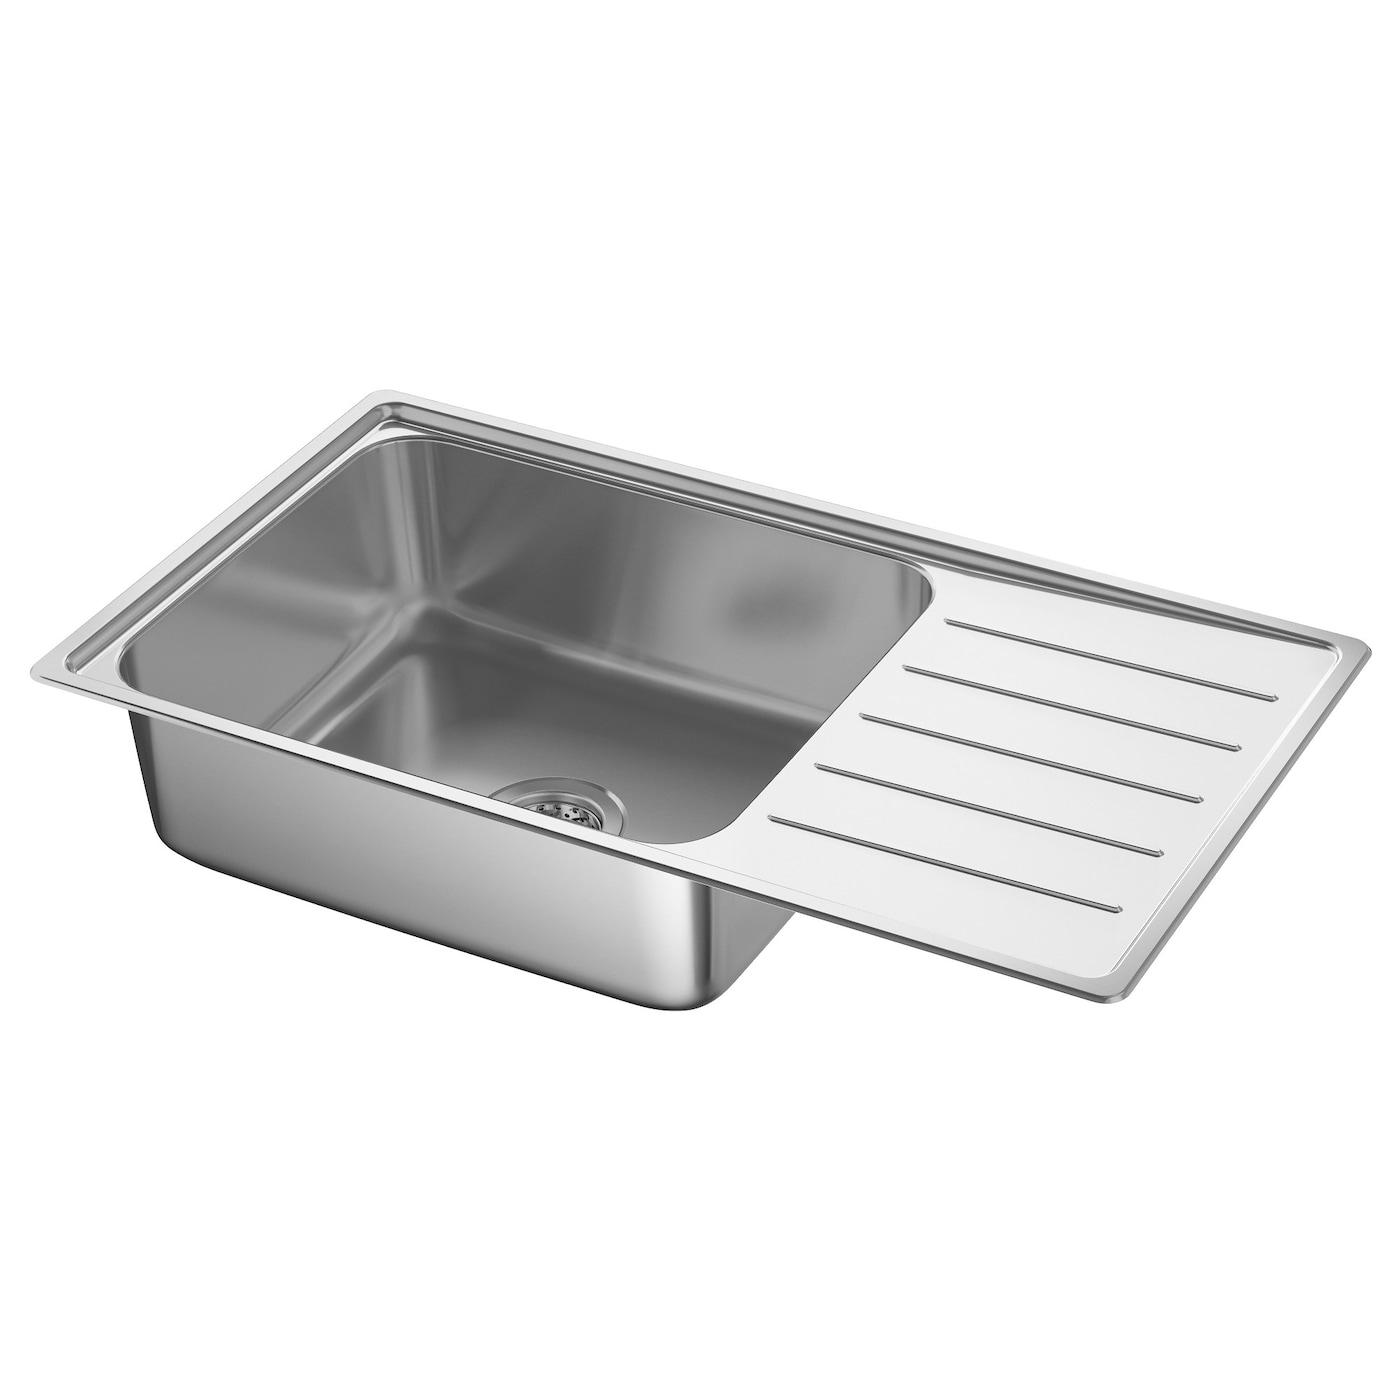 kitchen sinks ikea ireland dublin